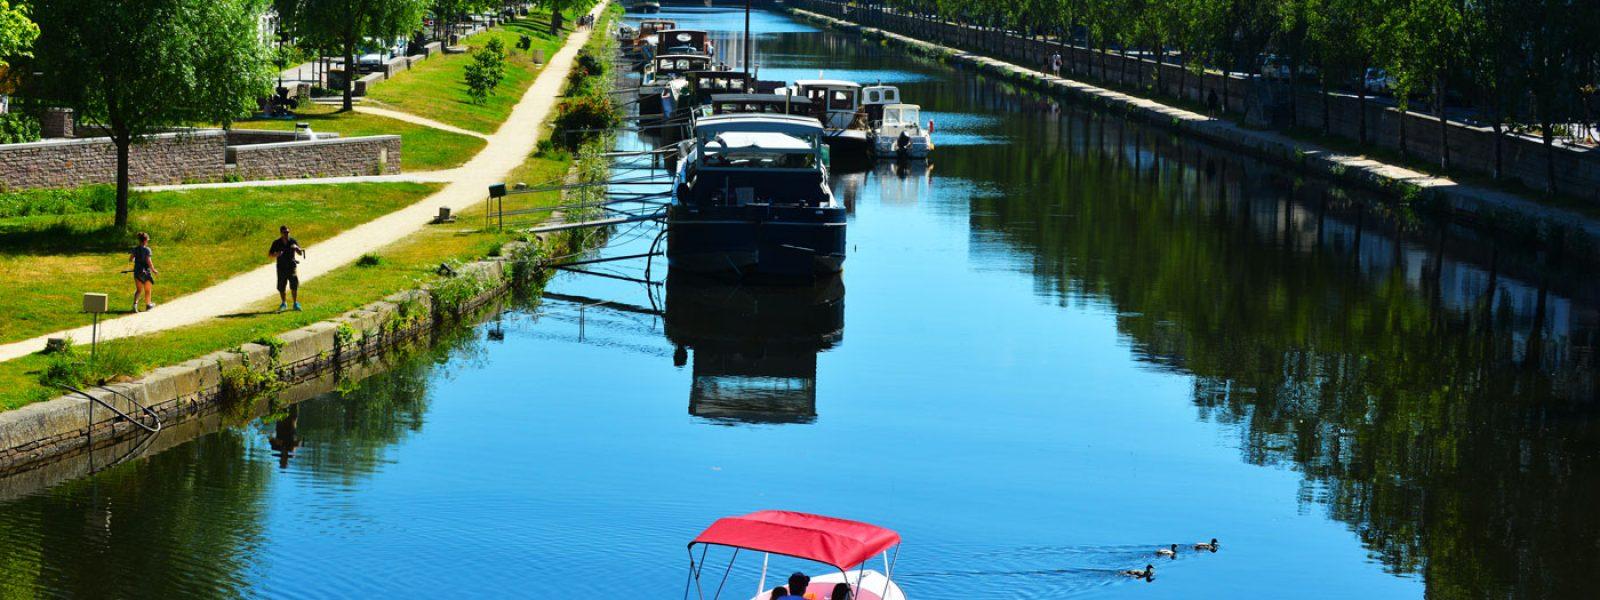 Balade en bateau sur la Vilaine